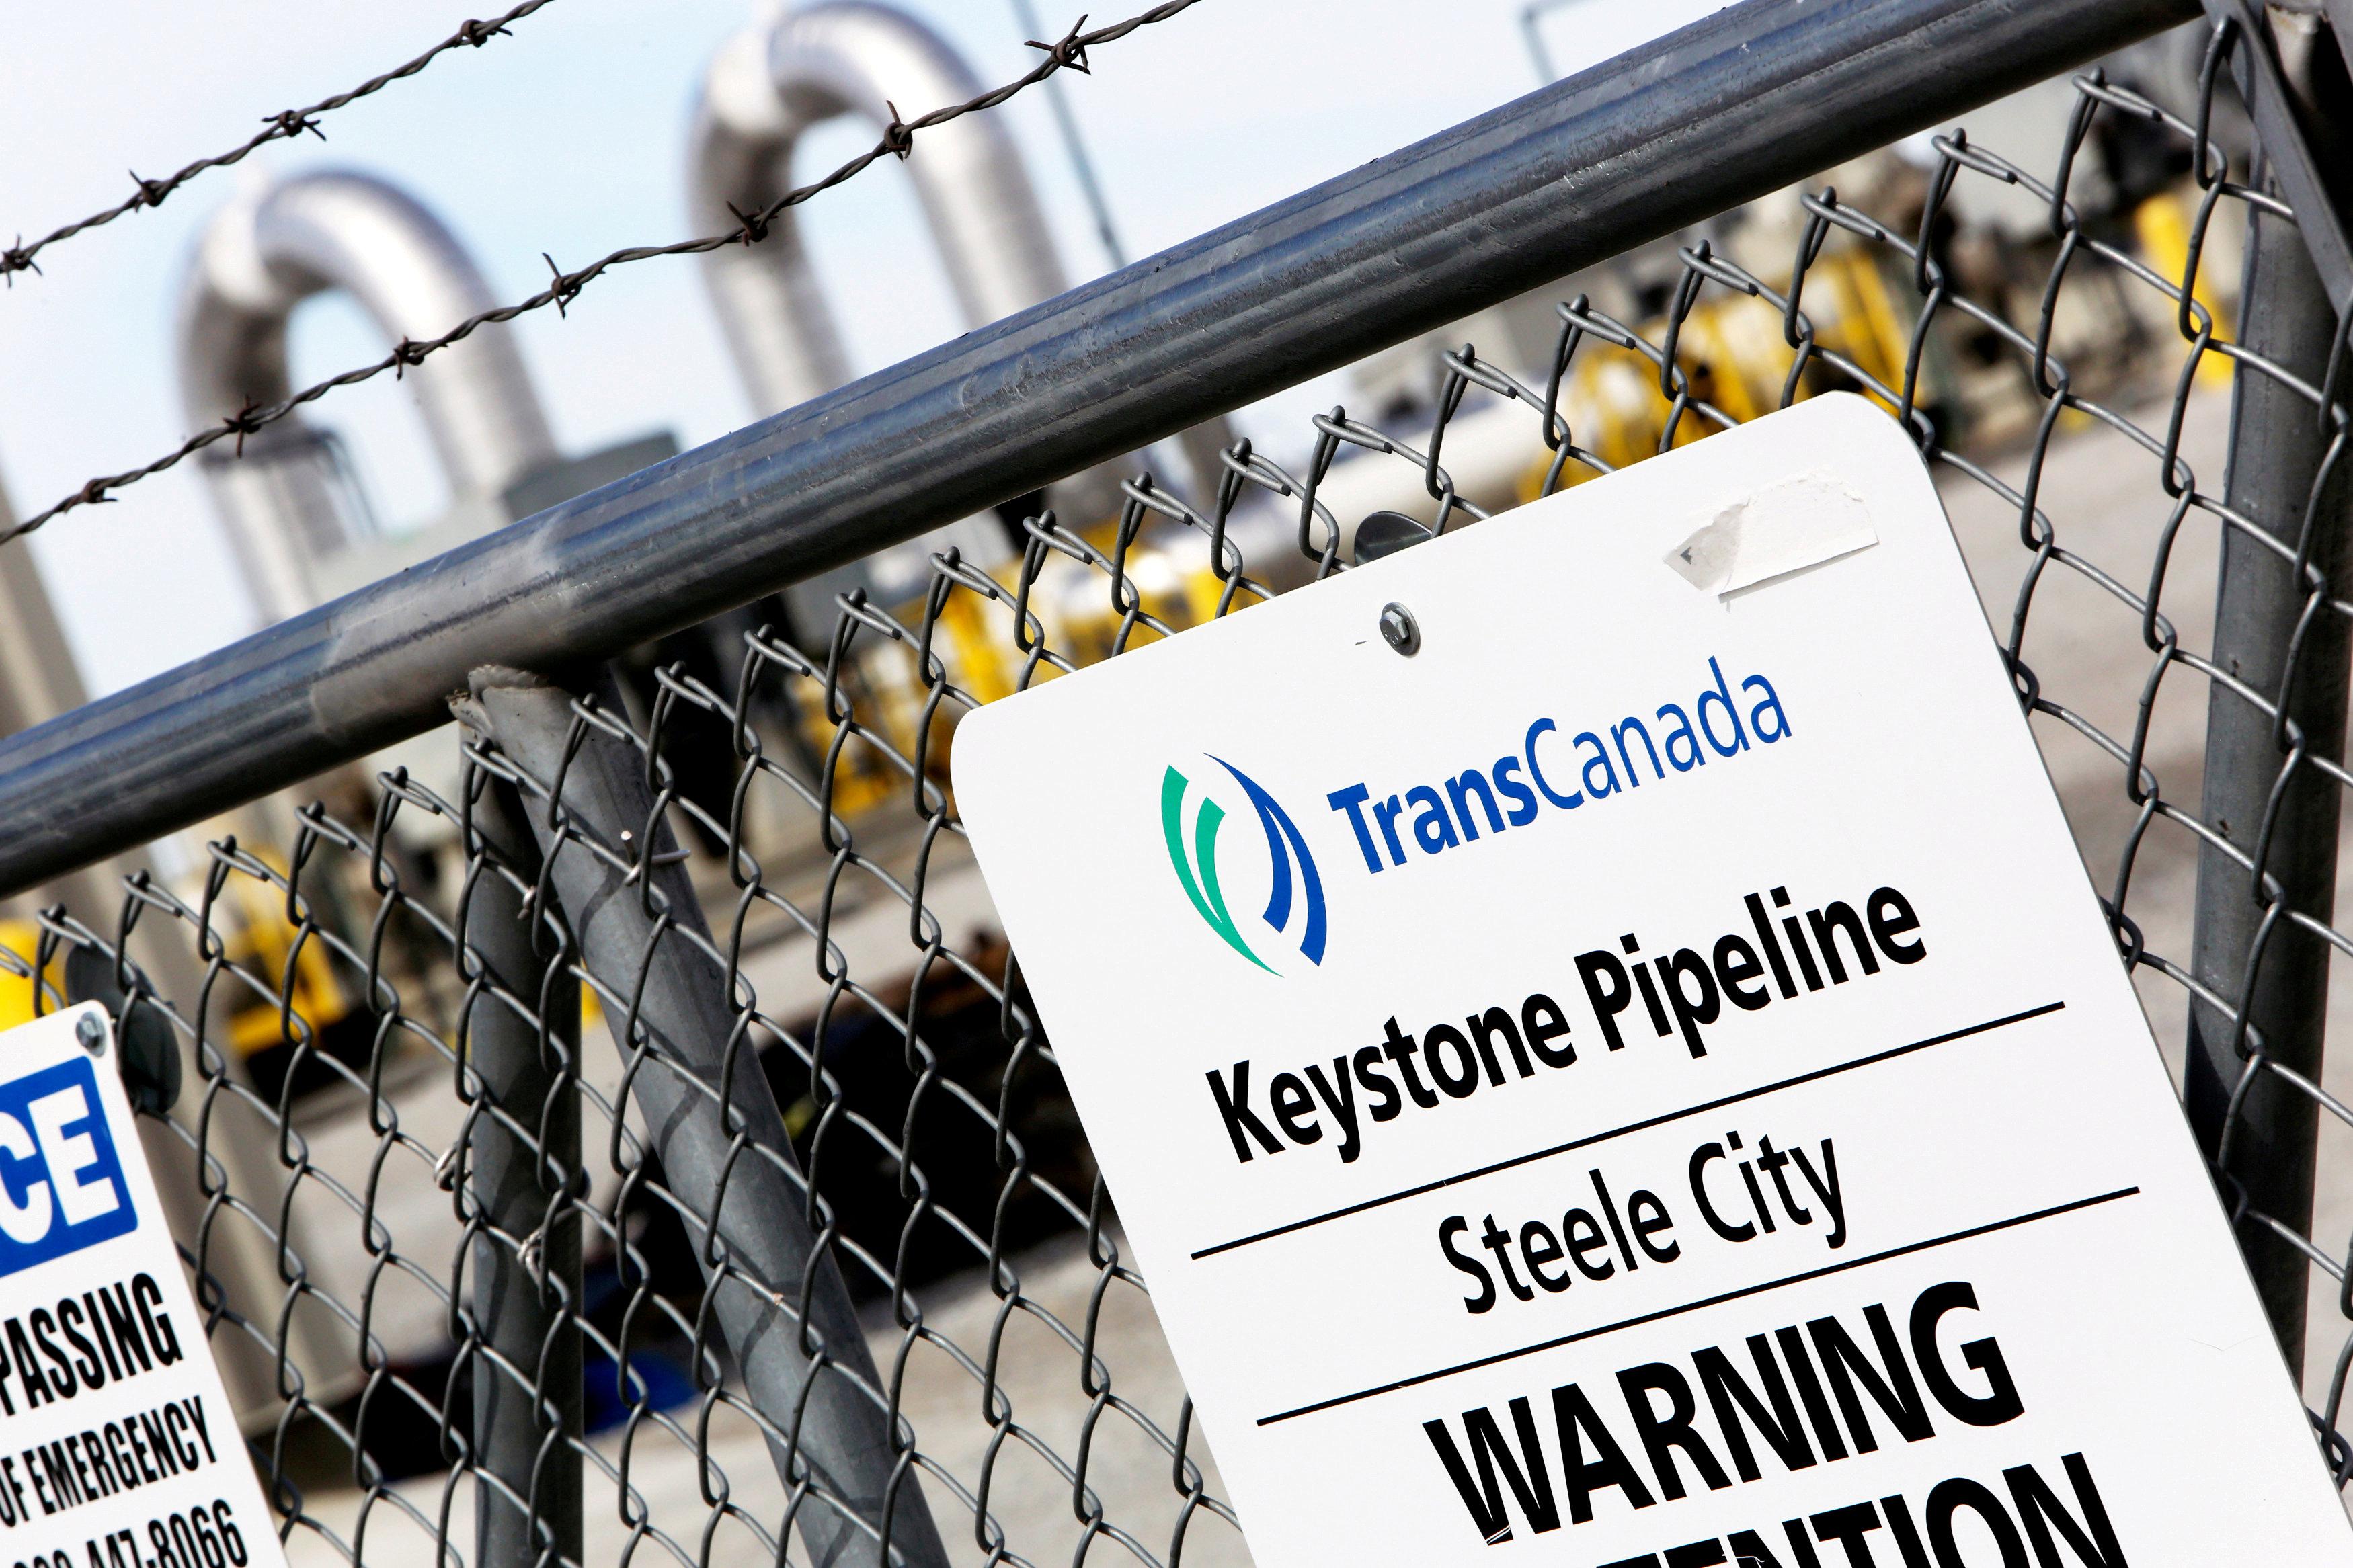 A TransCanada Keystone Pipeline pump station operates outside Steele City, Nebraska March 10, 2014.